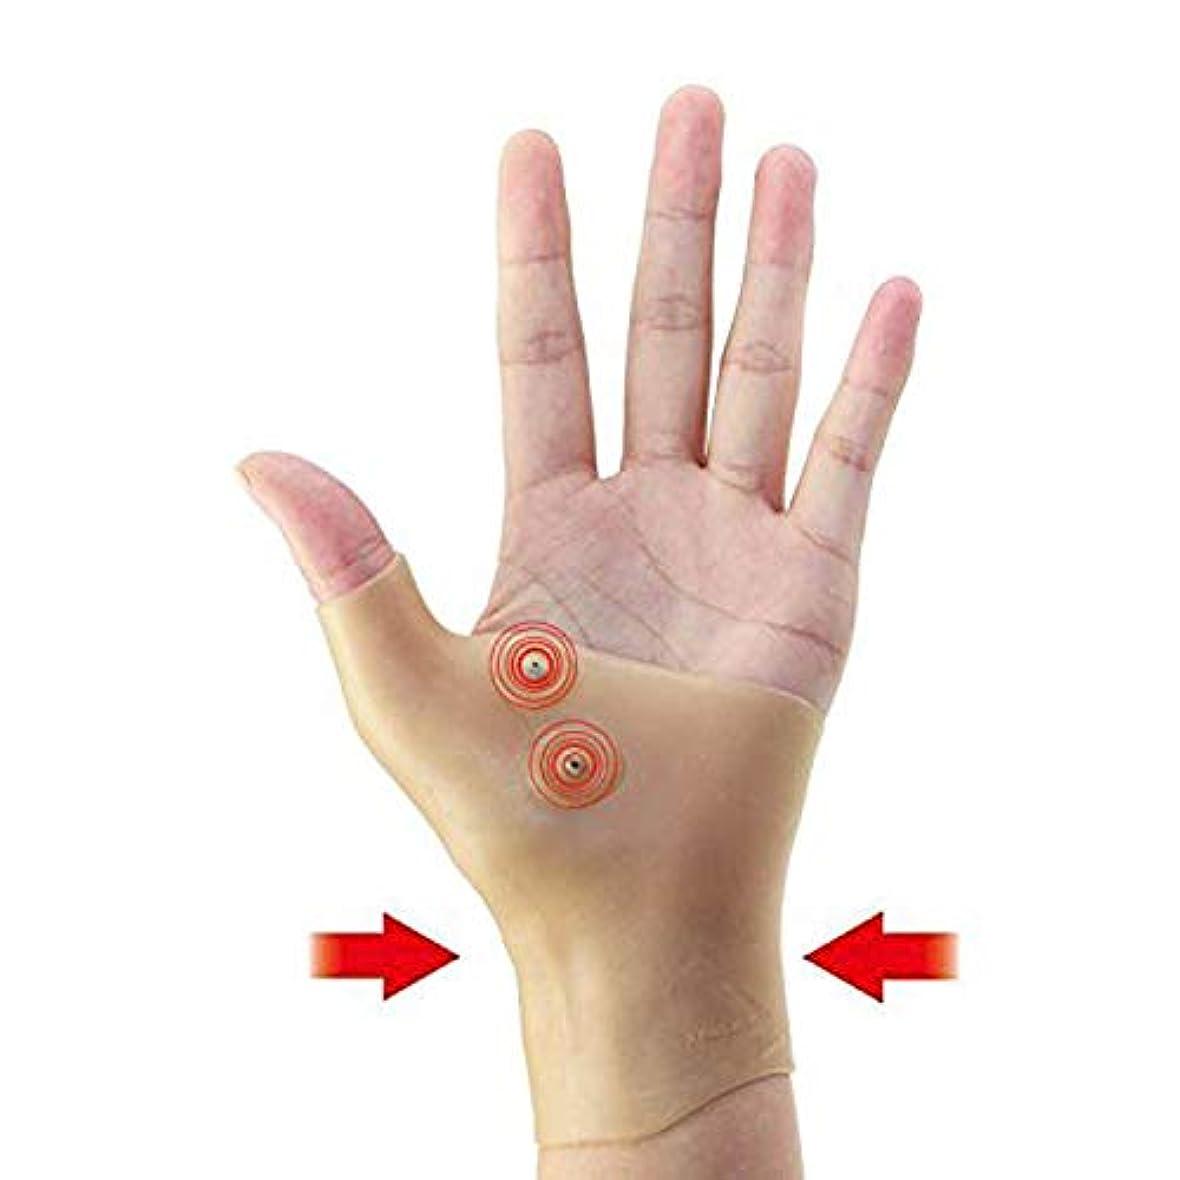 重要ベッド学者磁気 圧縮手袋 - Delaman 指なし 手袋、健康手袋、圧着効果、疲労減少、健康関節、磁気療法、手首サポーター、ユニセックス